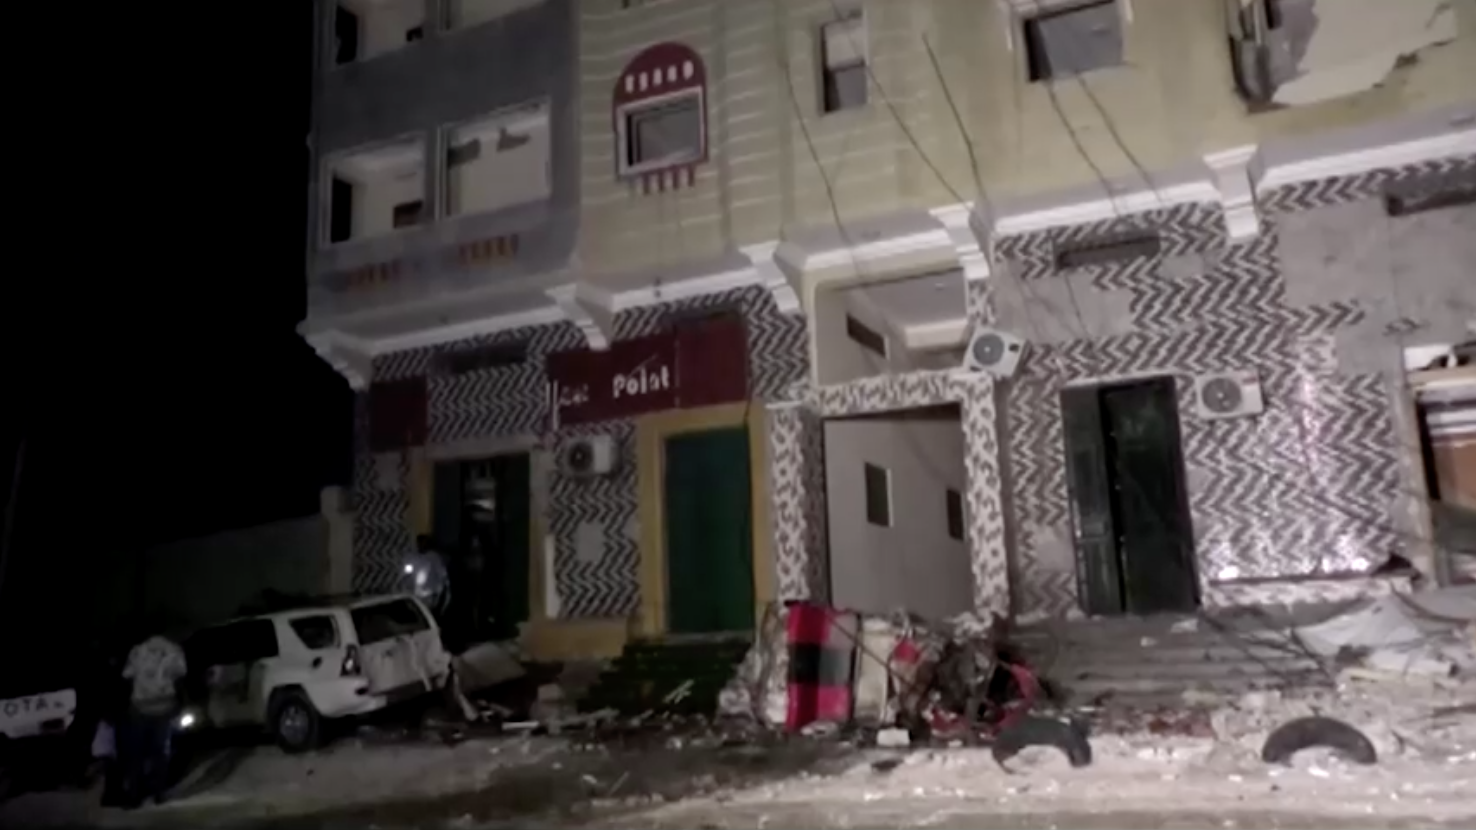 Ít nhất 20 người thiệt mạng trong vụ đánh bom xe liều chết gần nhà hàng ở thủ đô Somalia